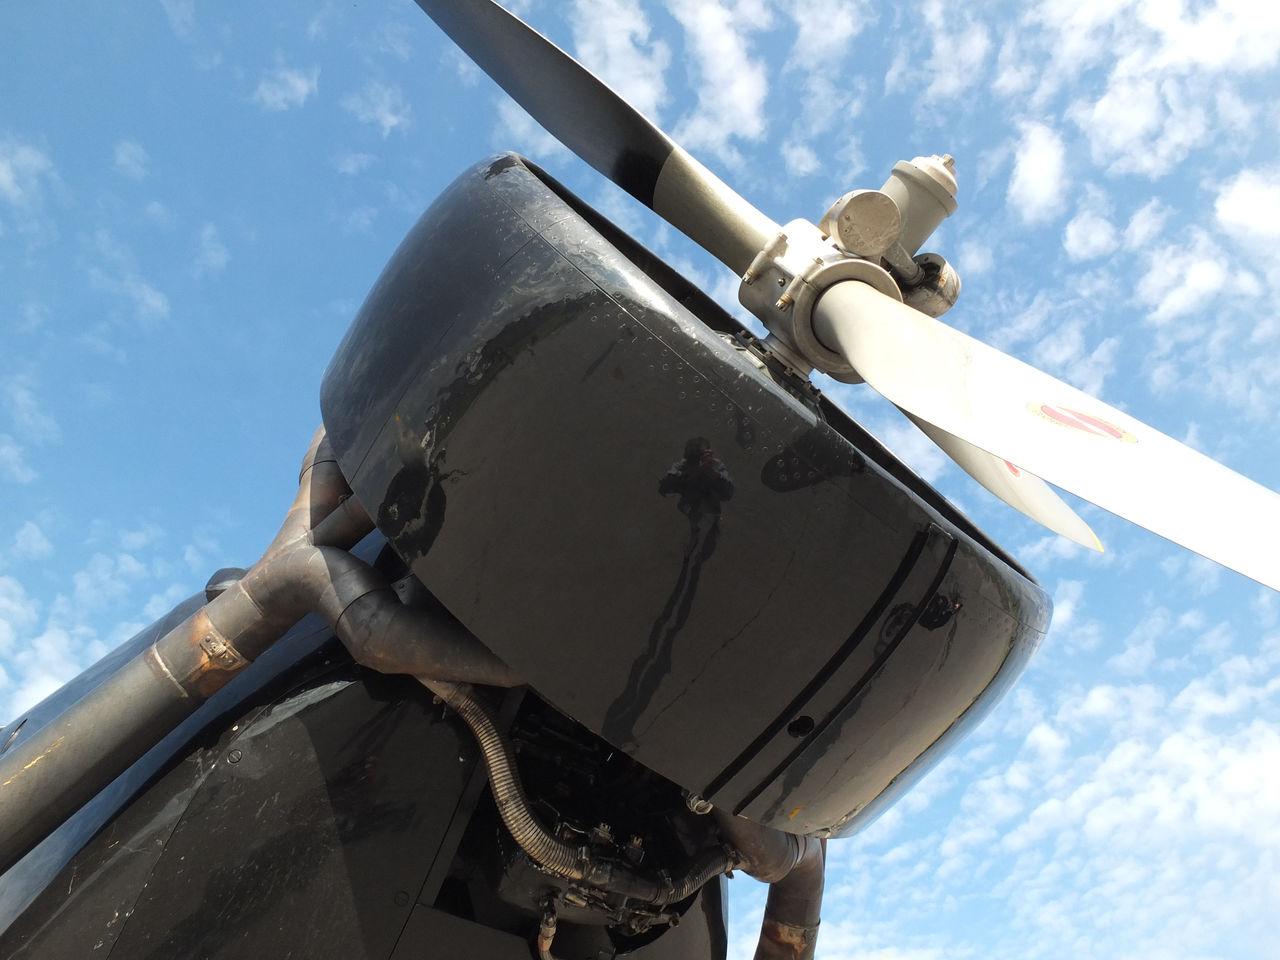 Двигатель самолета Юнкерс Ю-52 авиакомпании Люфтганза